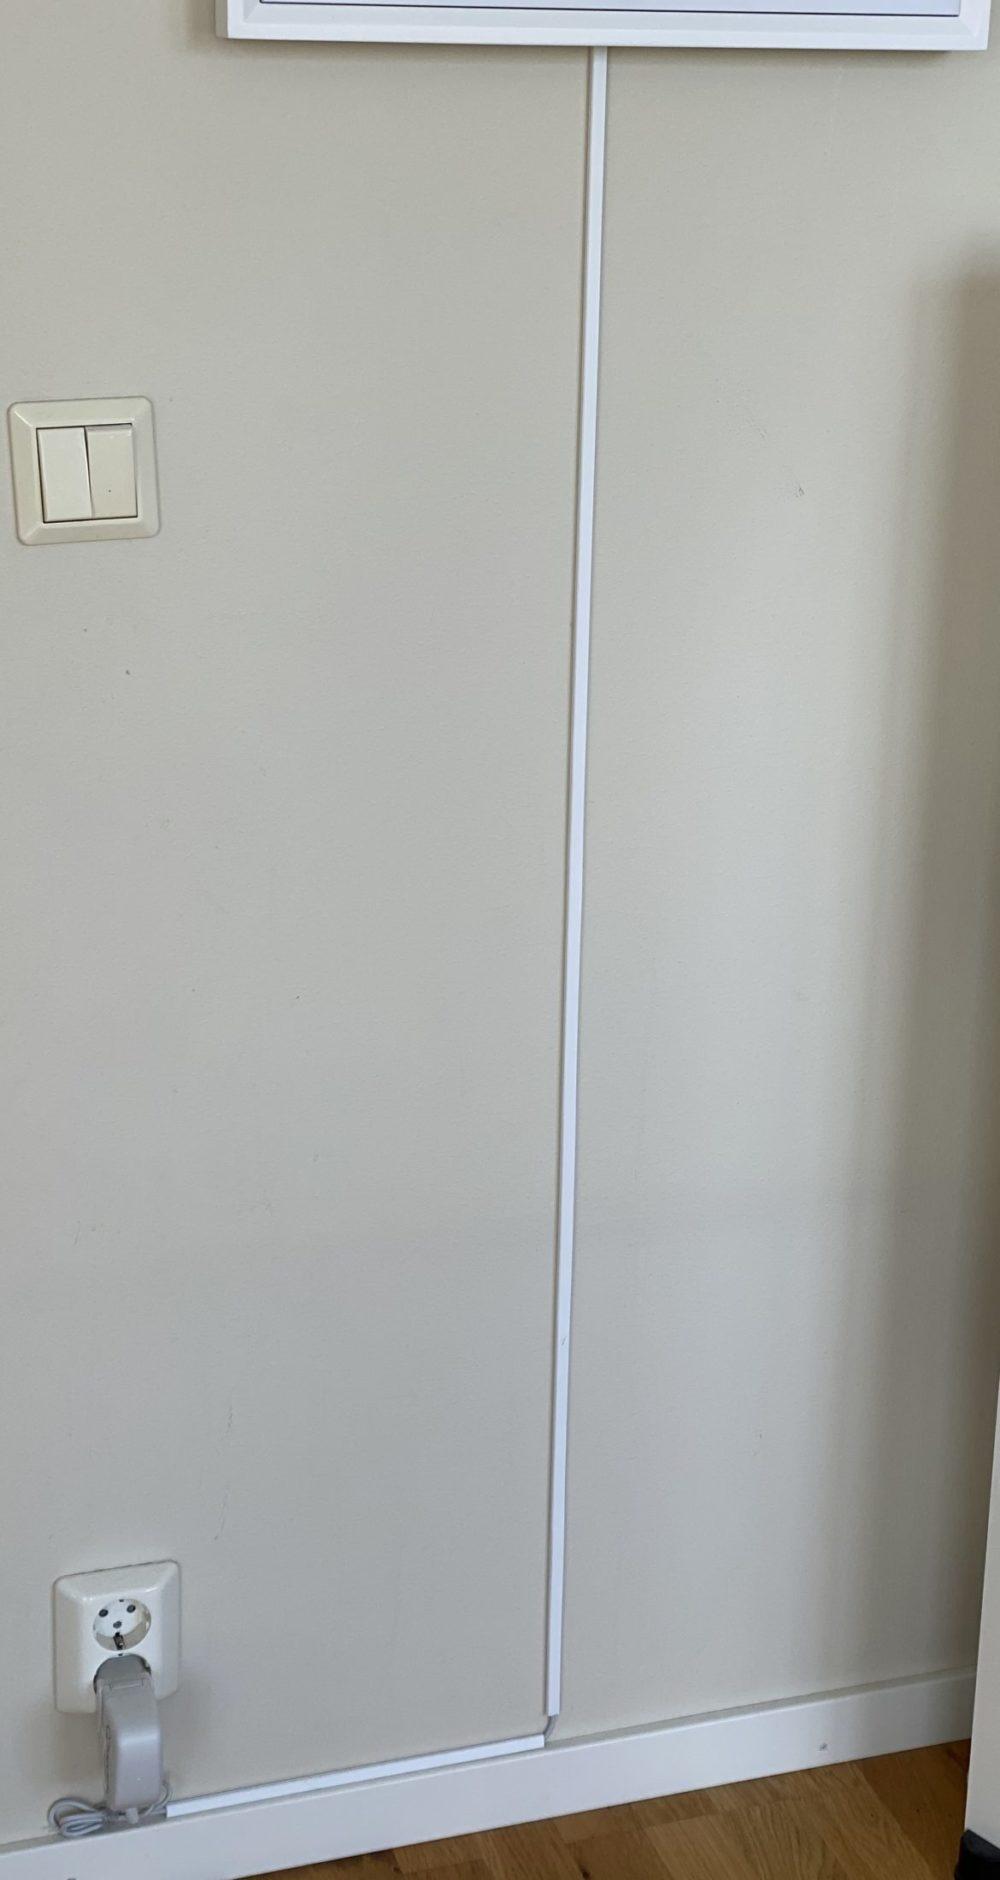 Meural Canvas II hänger på vägg med kabelkanal